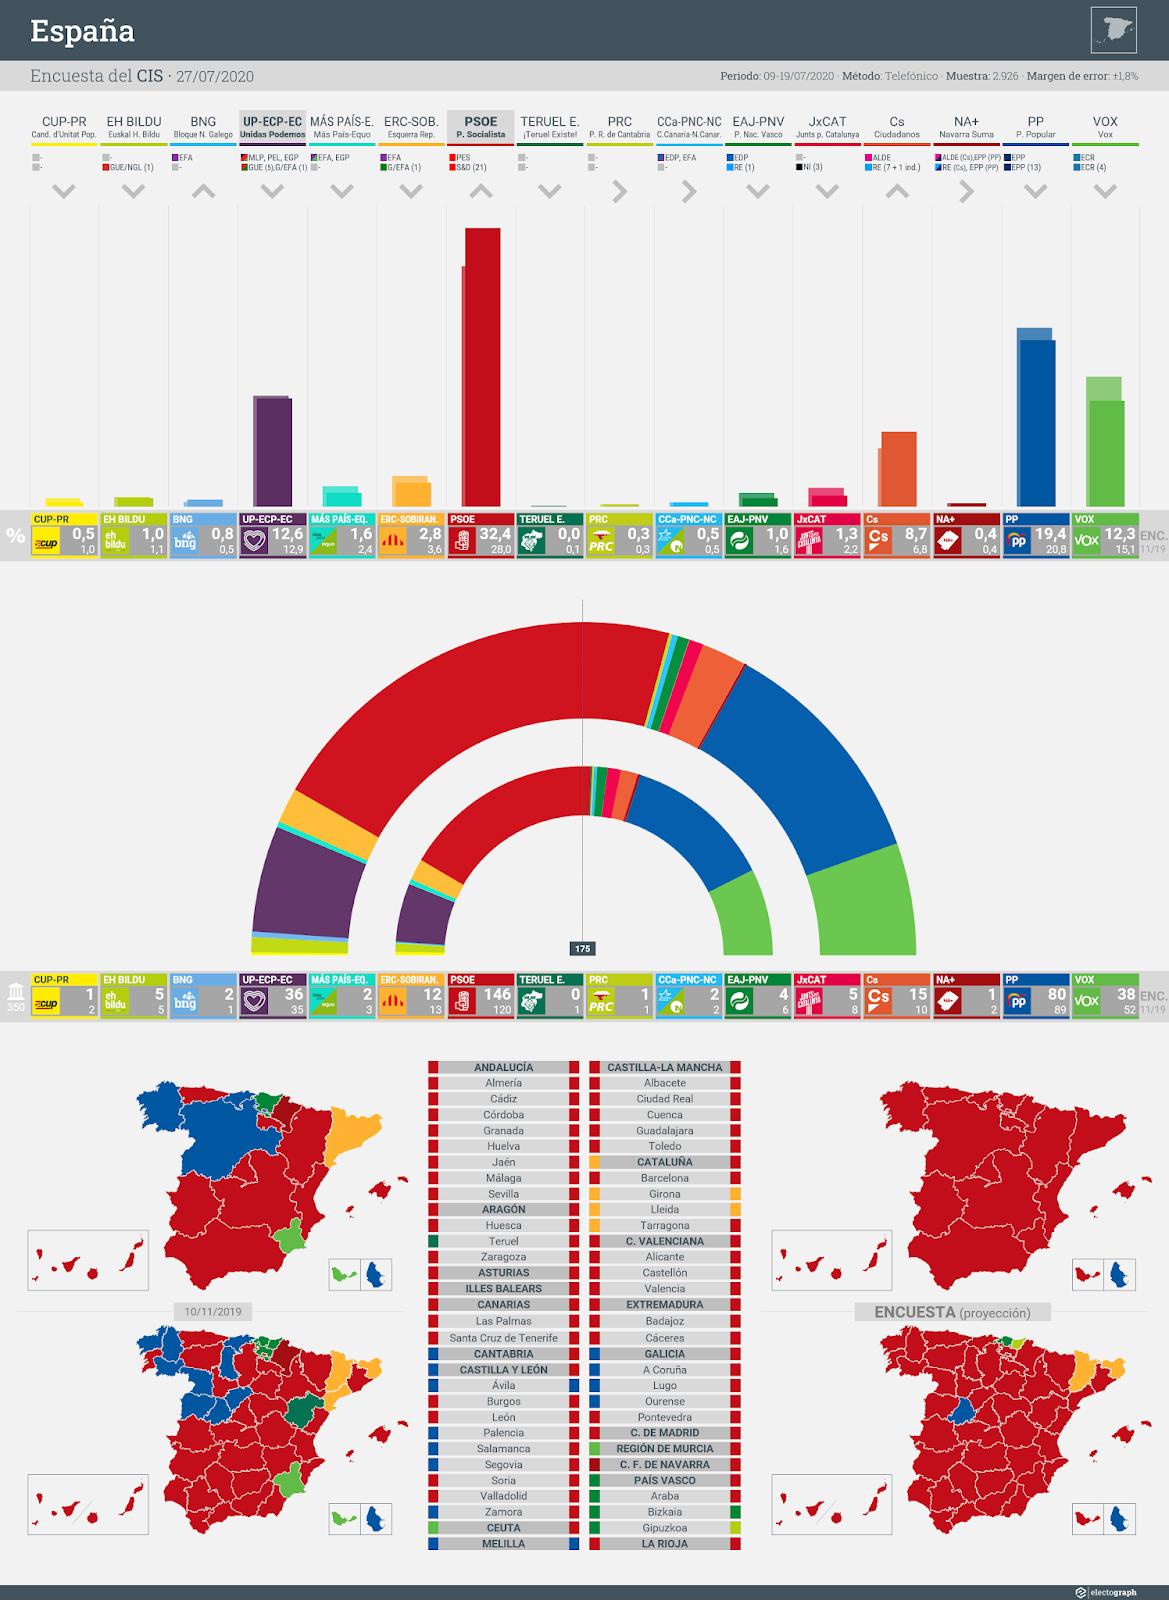 Gráfico de la encuesta para elecciones generales en España realizada por el CIS, 27 de julio de 2020